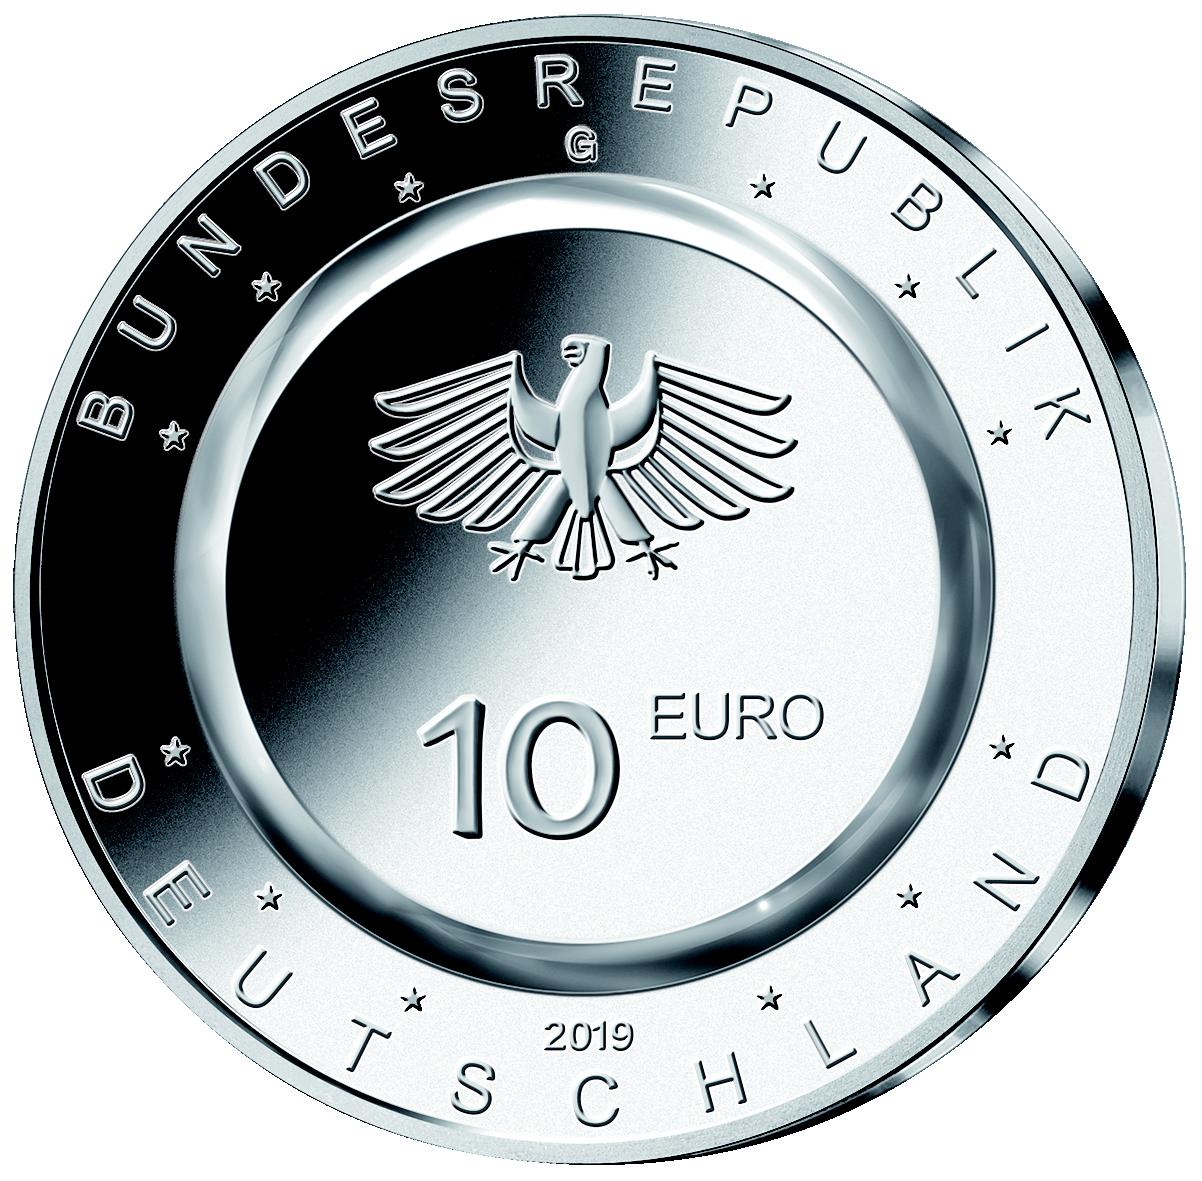 10 Euro Polymer Münze In Der Luft 2019 St Münzen Günstigerde